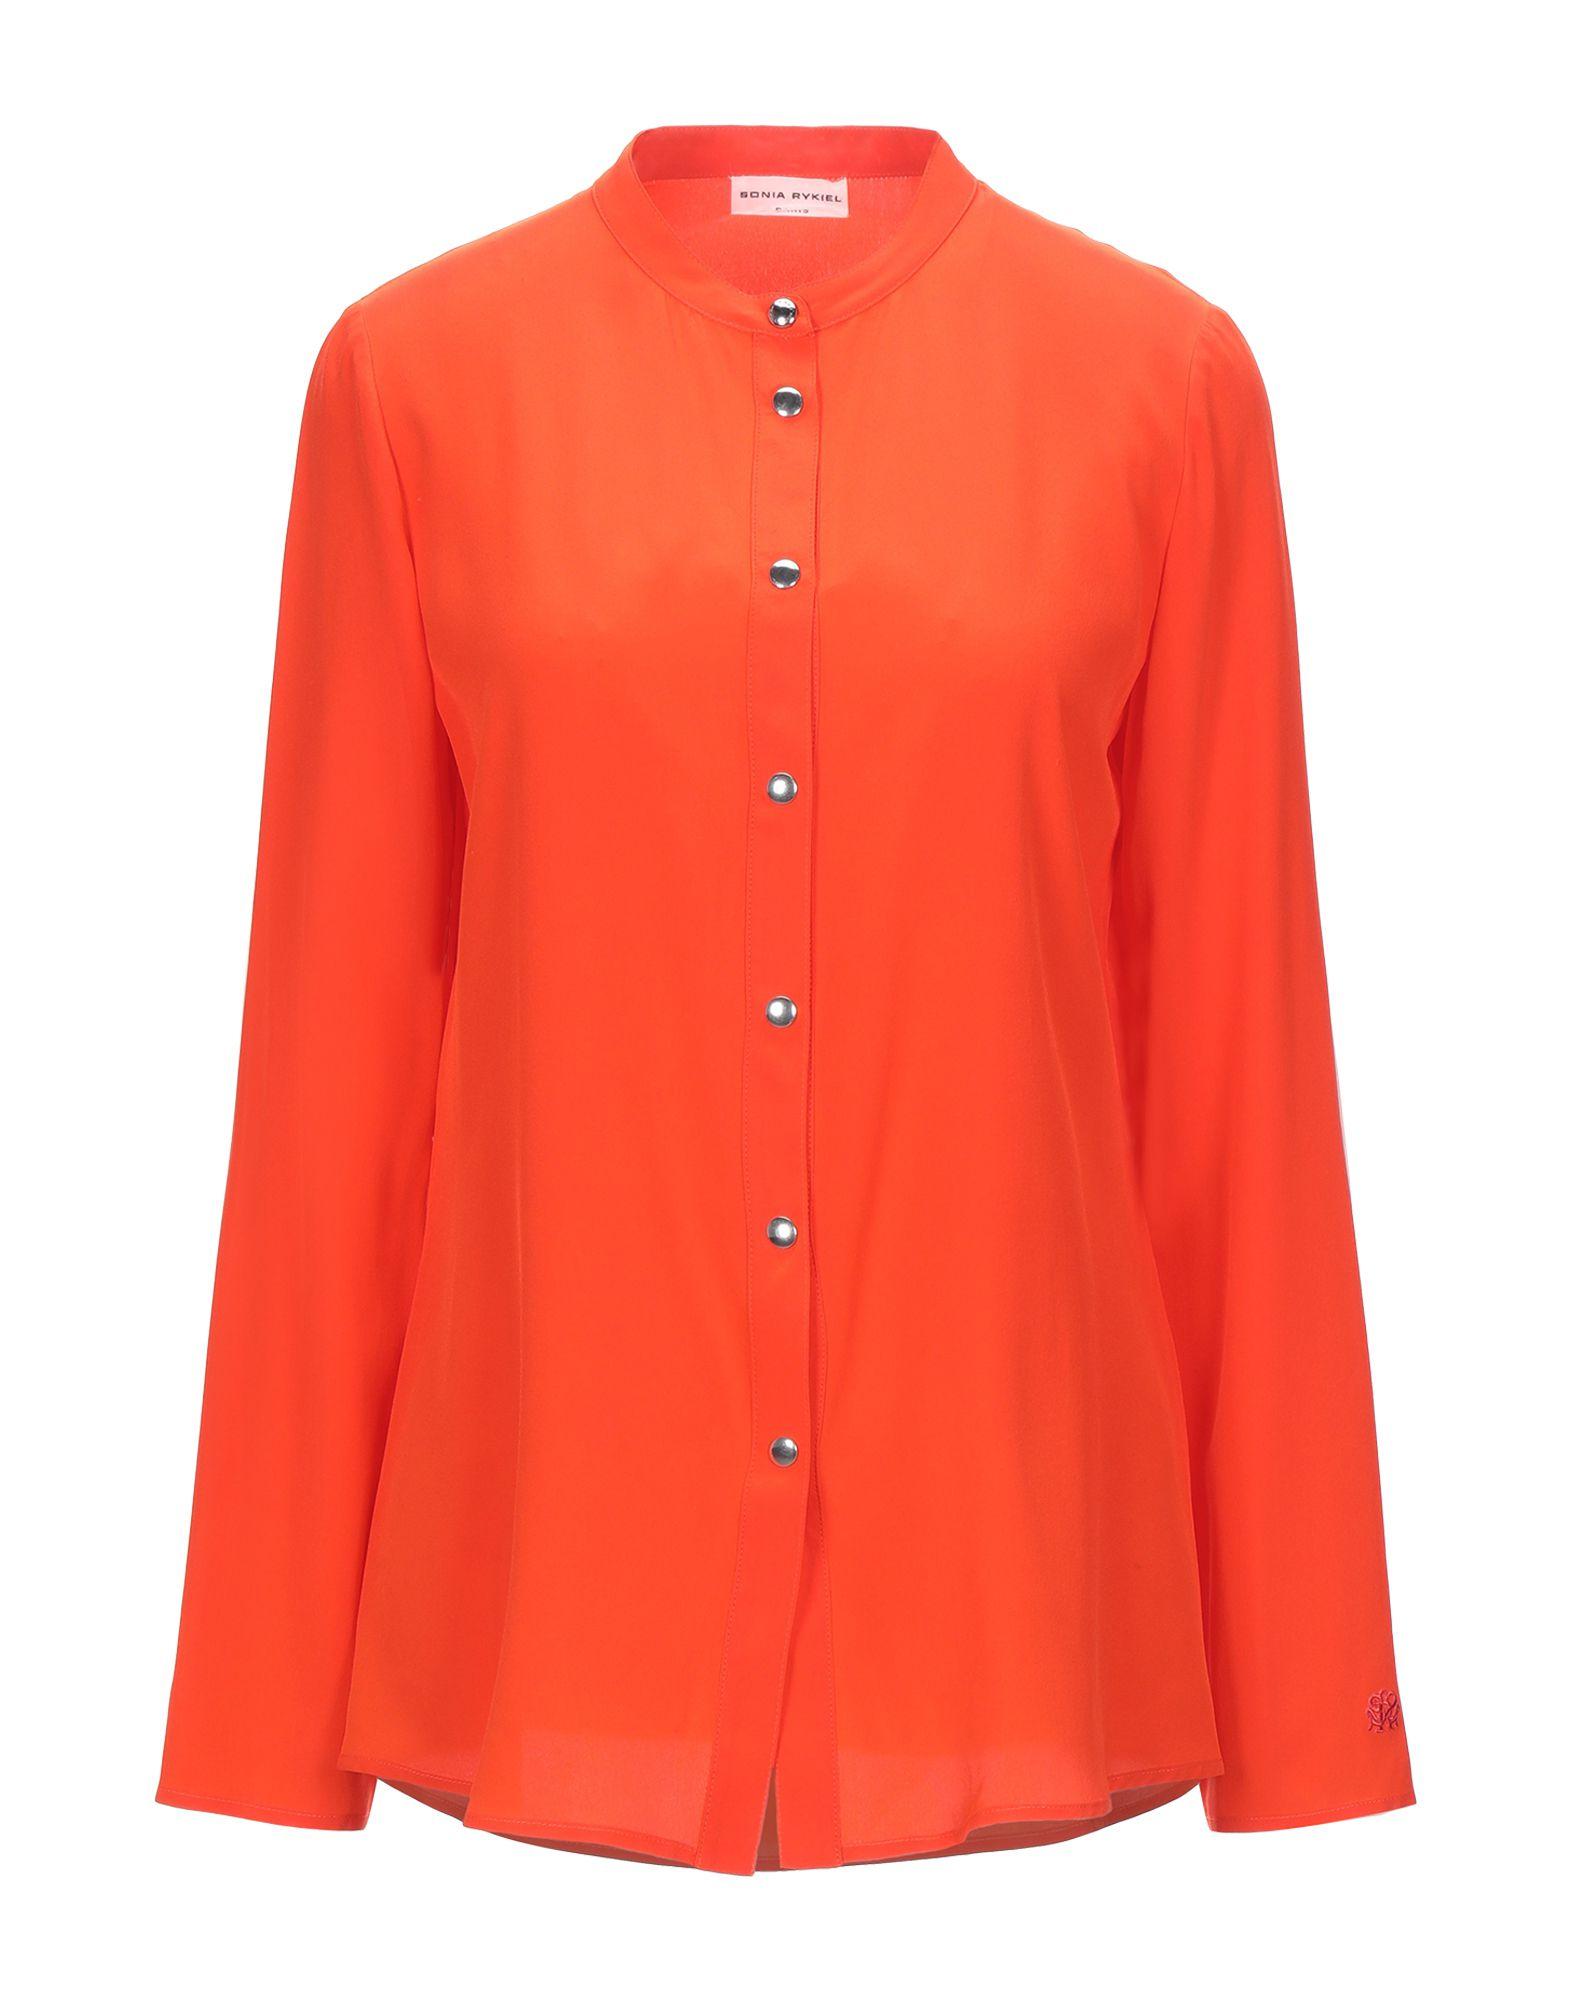 《セール開催中》SONIA RYKIEL レディース シャツ オレンジ 38 シルク 100%